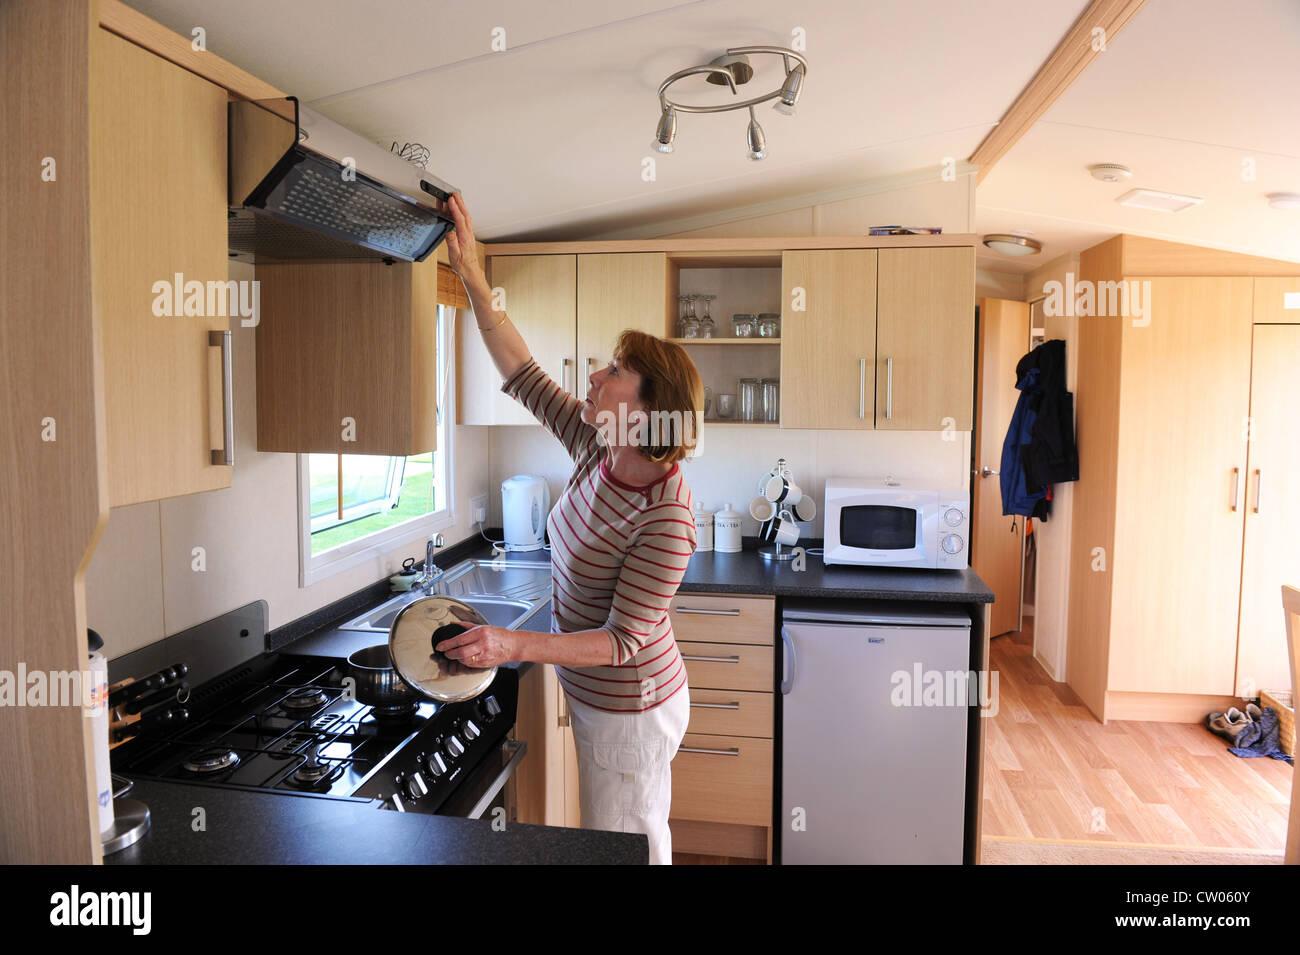 Home Kitchen Stockfotos & Home Kitchen Bilder - Alamy